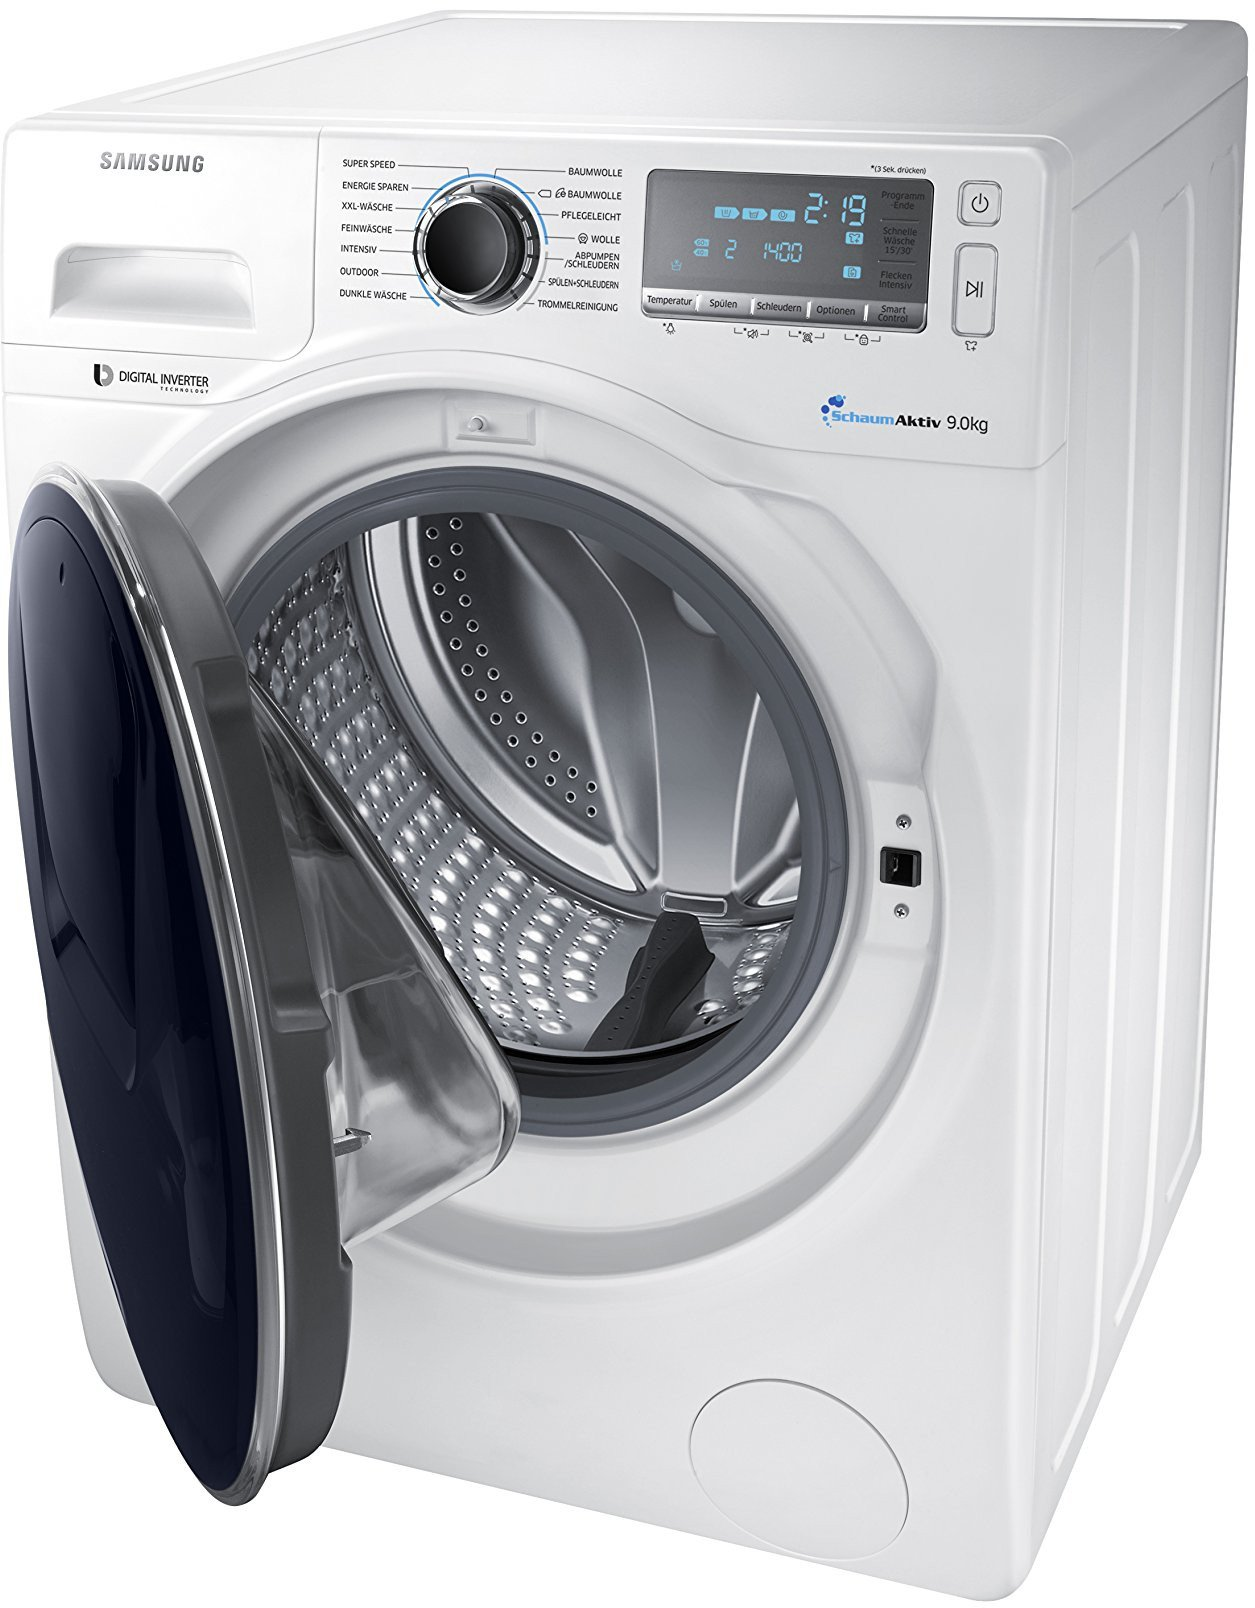 Samsung-WW90K7405OWEG-Waschmaschine-FL-A-151-kWh-Jahr-1400-UpM-9-kg-Add-Wash-WiFi-Smart-Control-Super-Speed-Wash-Digital-Inverter-Motor-wei